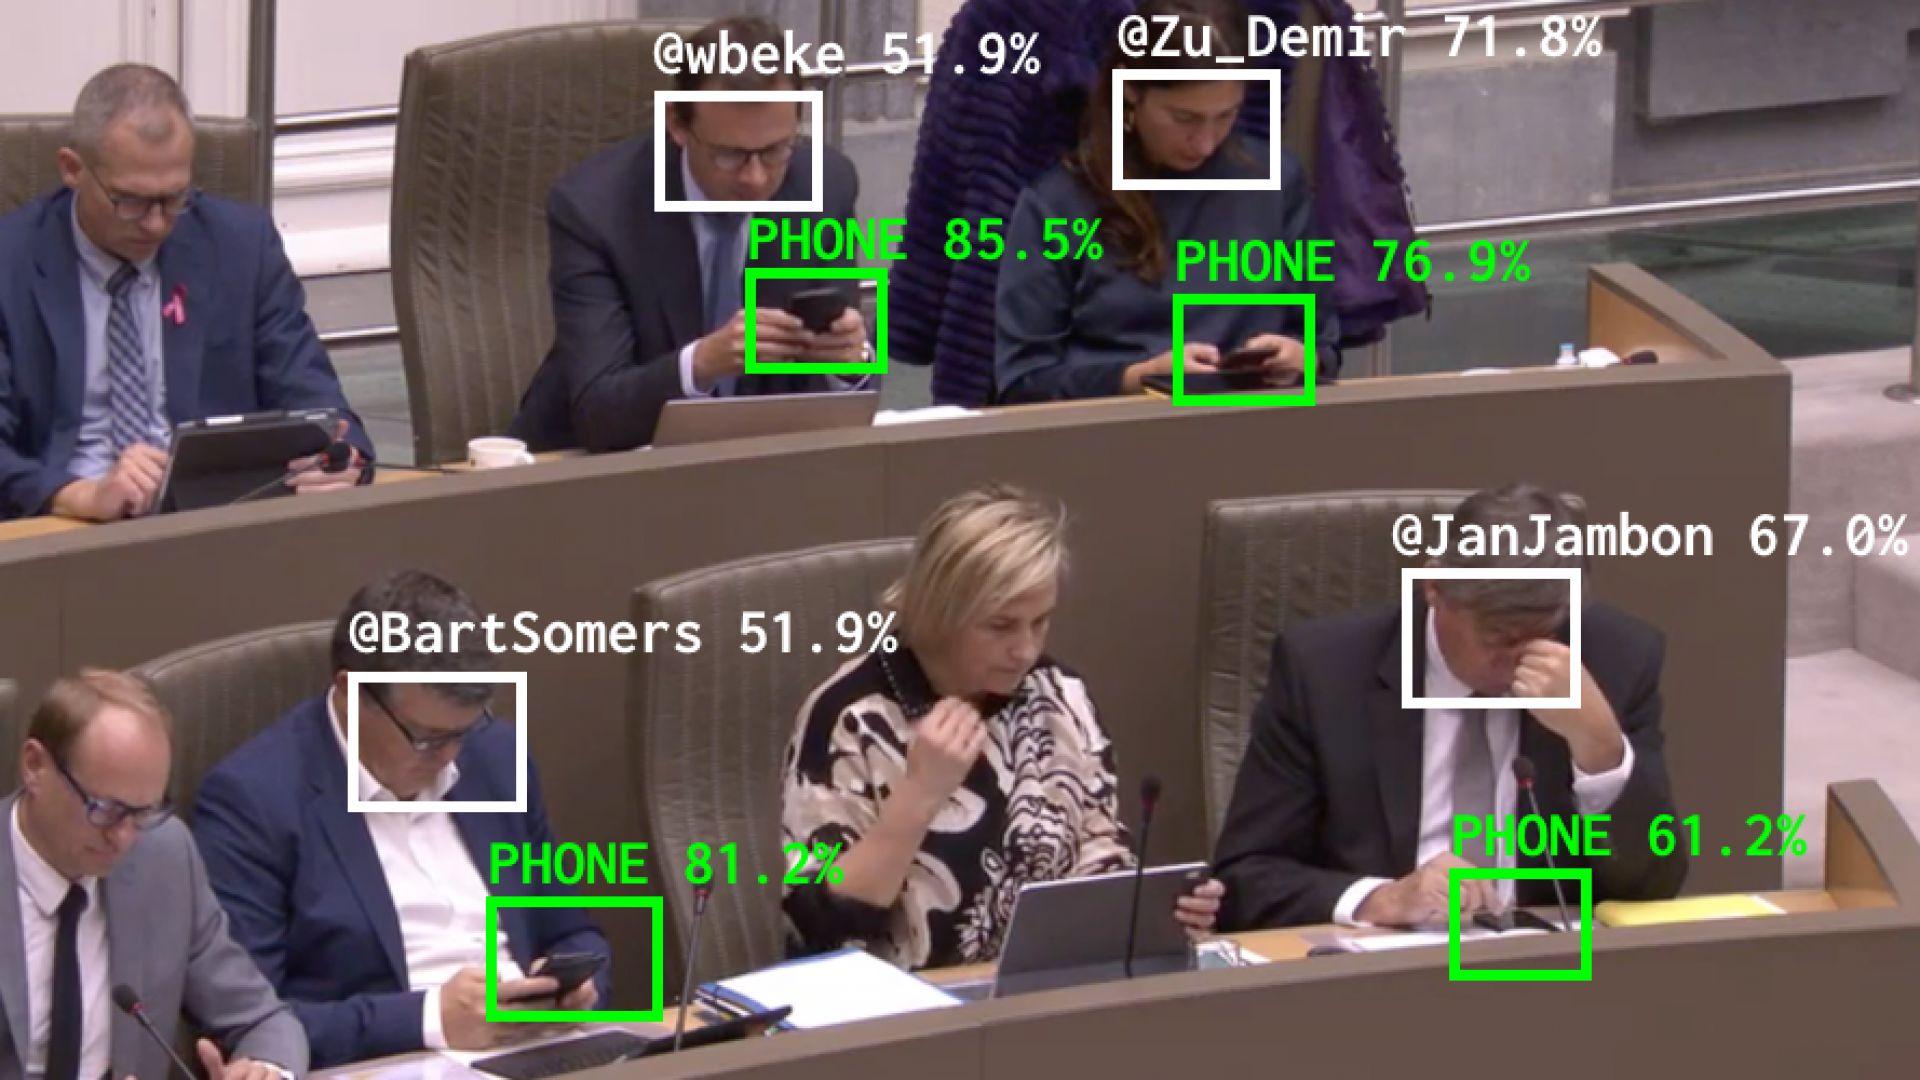 Изкуствен интелект измерва колко време политиците гледат в телефоните си